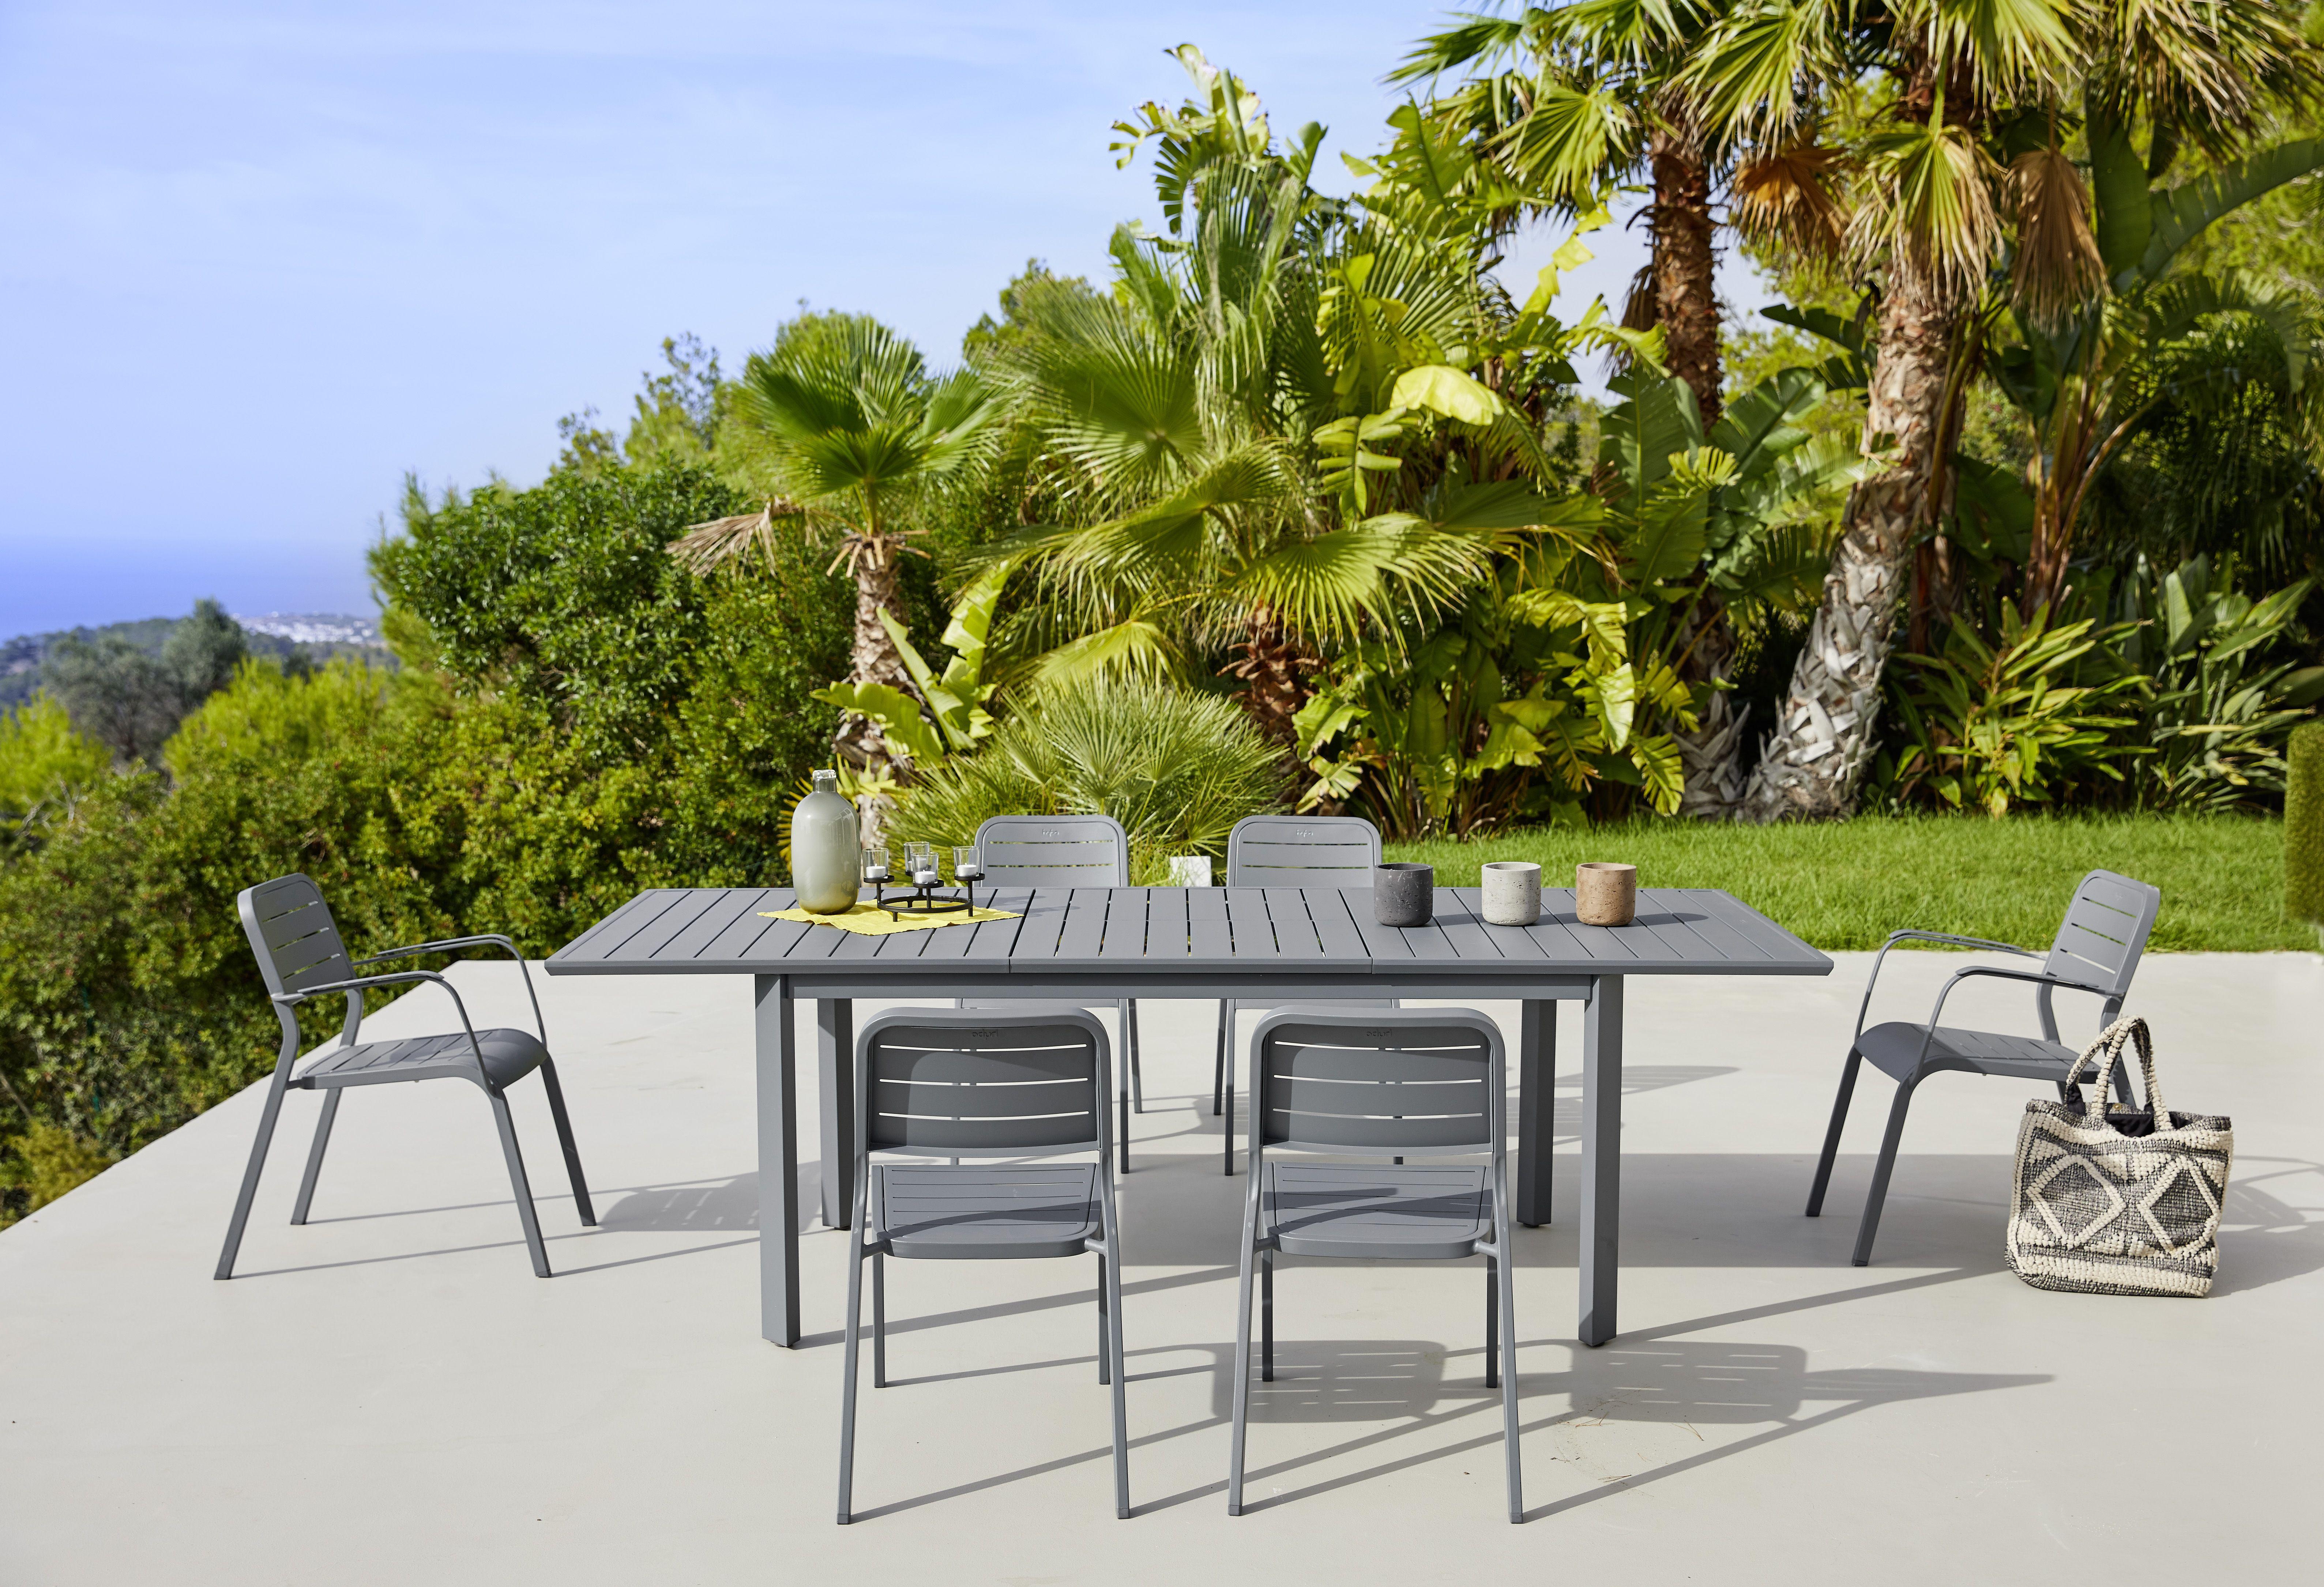 Ensemble de mobilier extérieur en aluminium Chaises et table